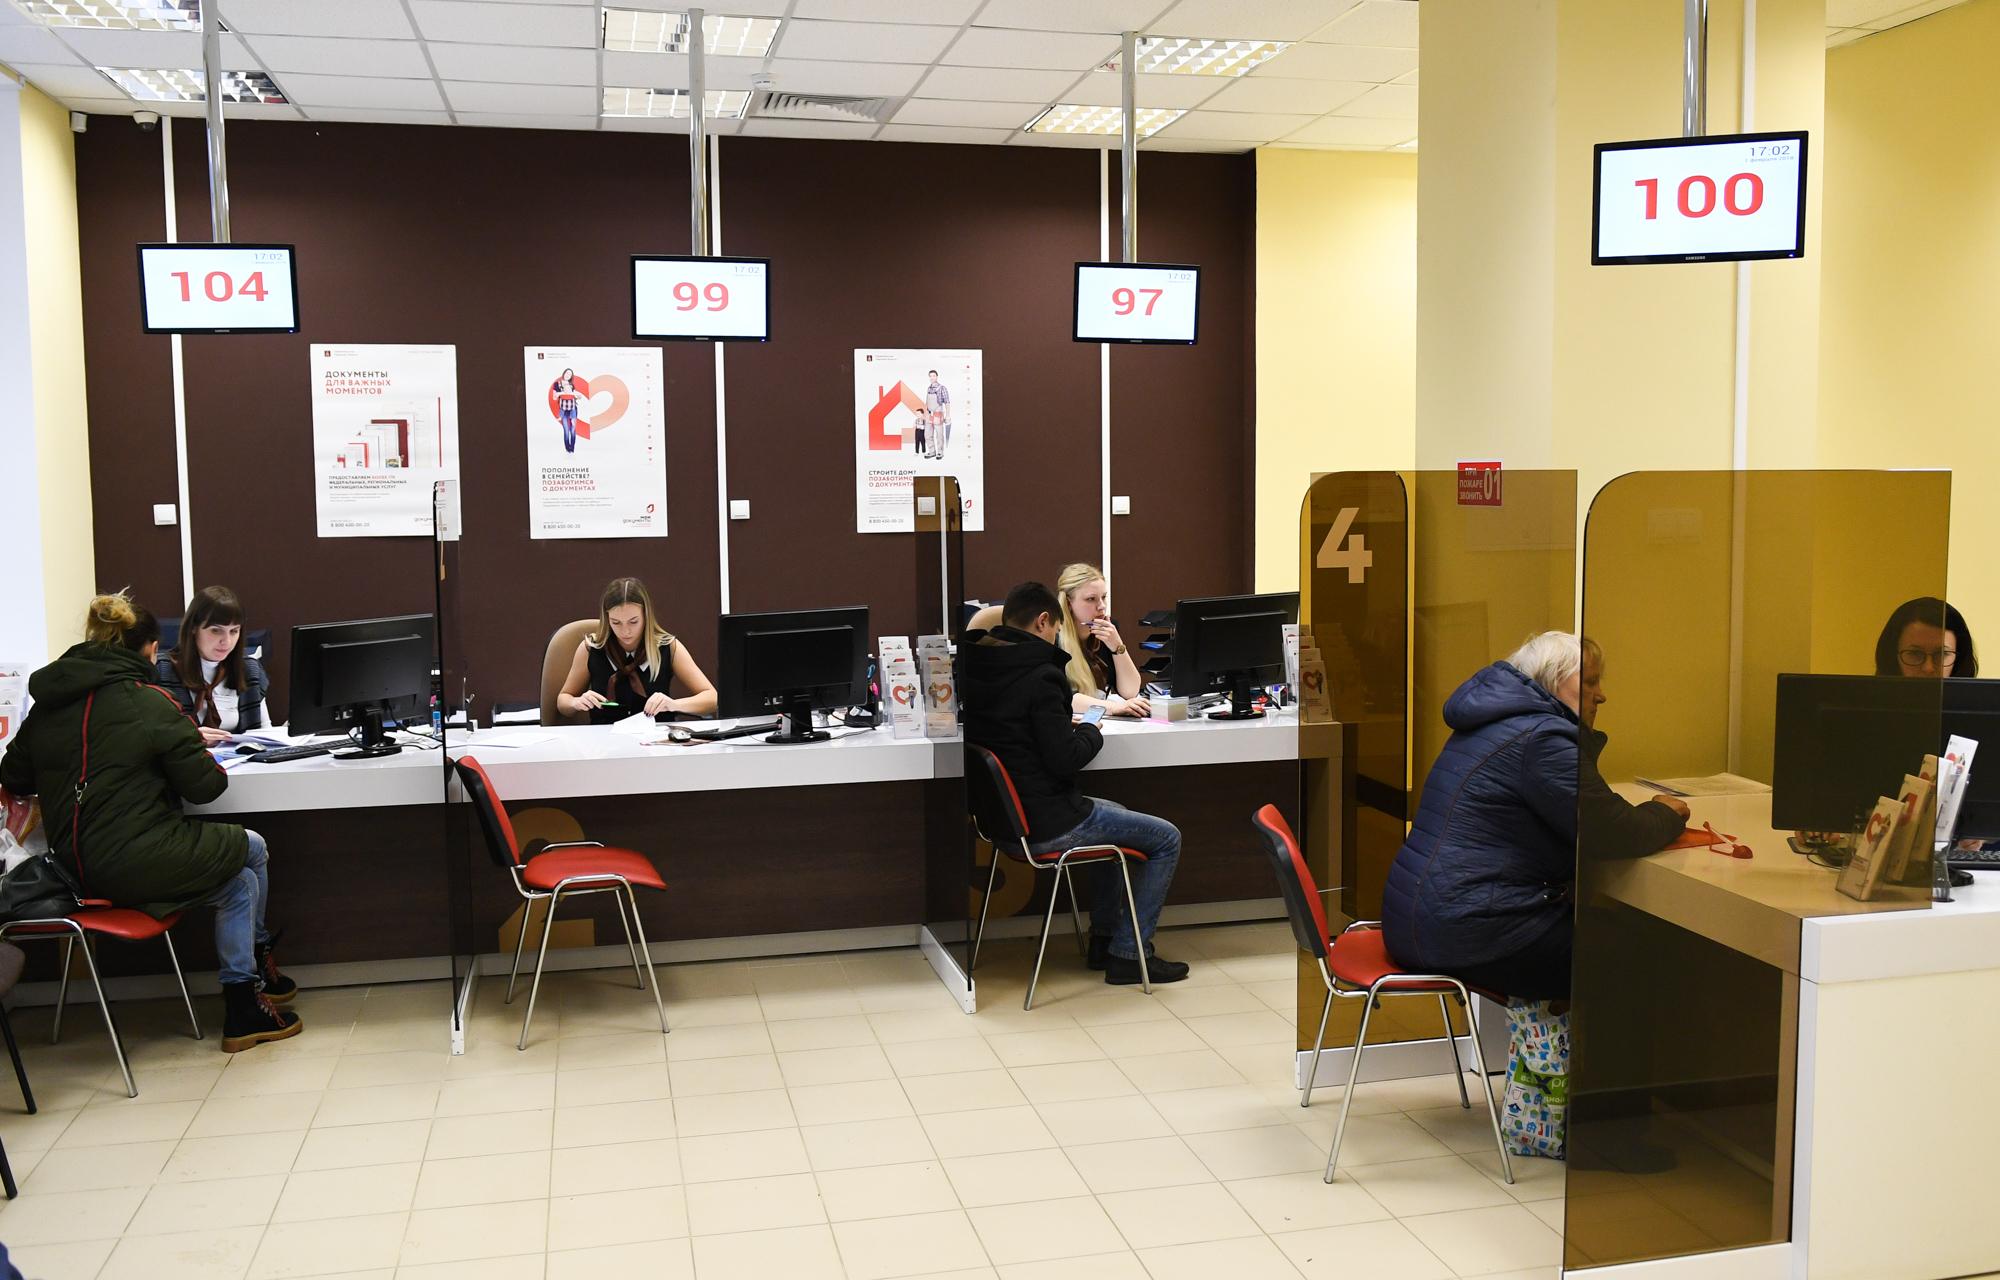 За две недели в МФЦ Тверской области поступило более 5 тысяч заявлений от граждан